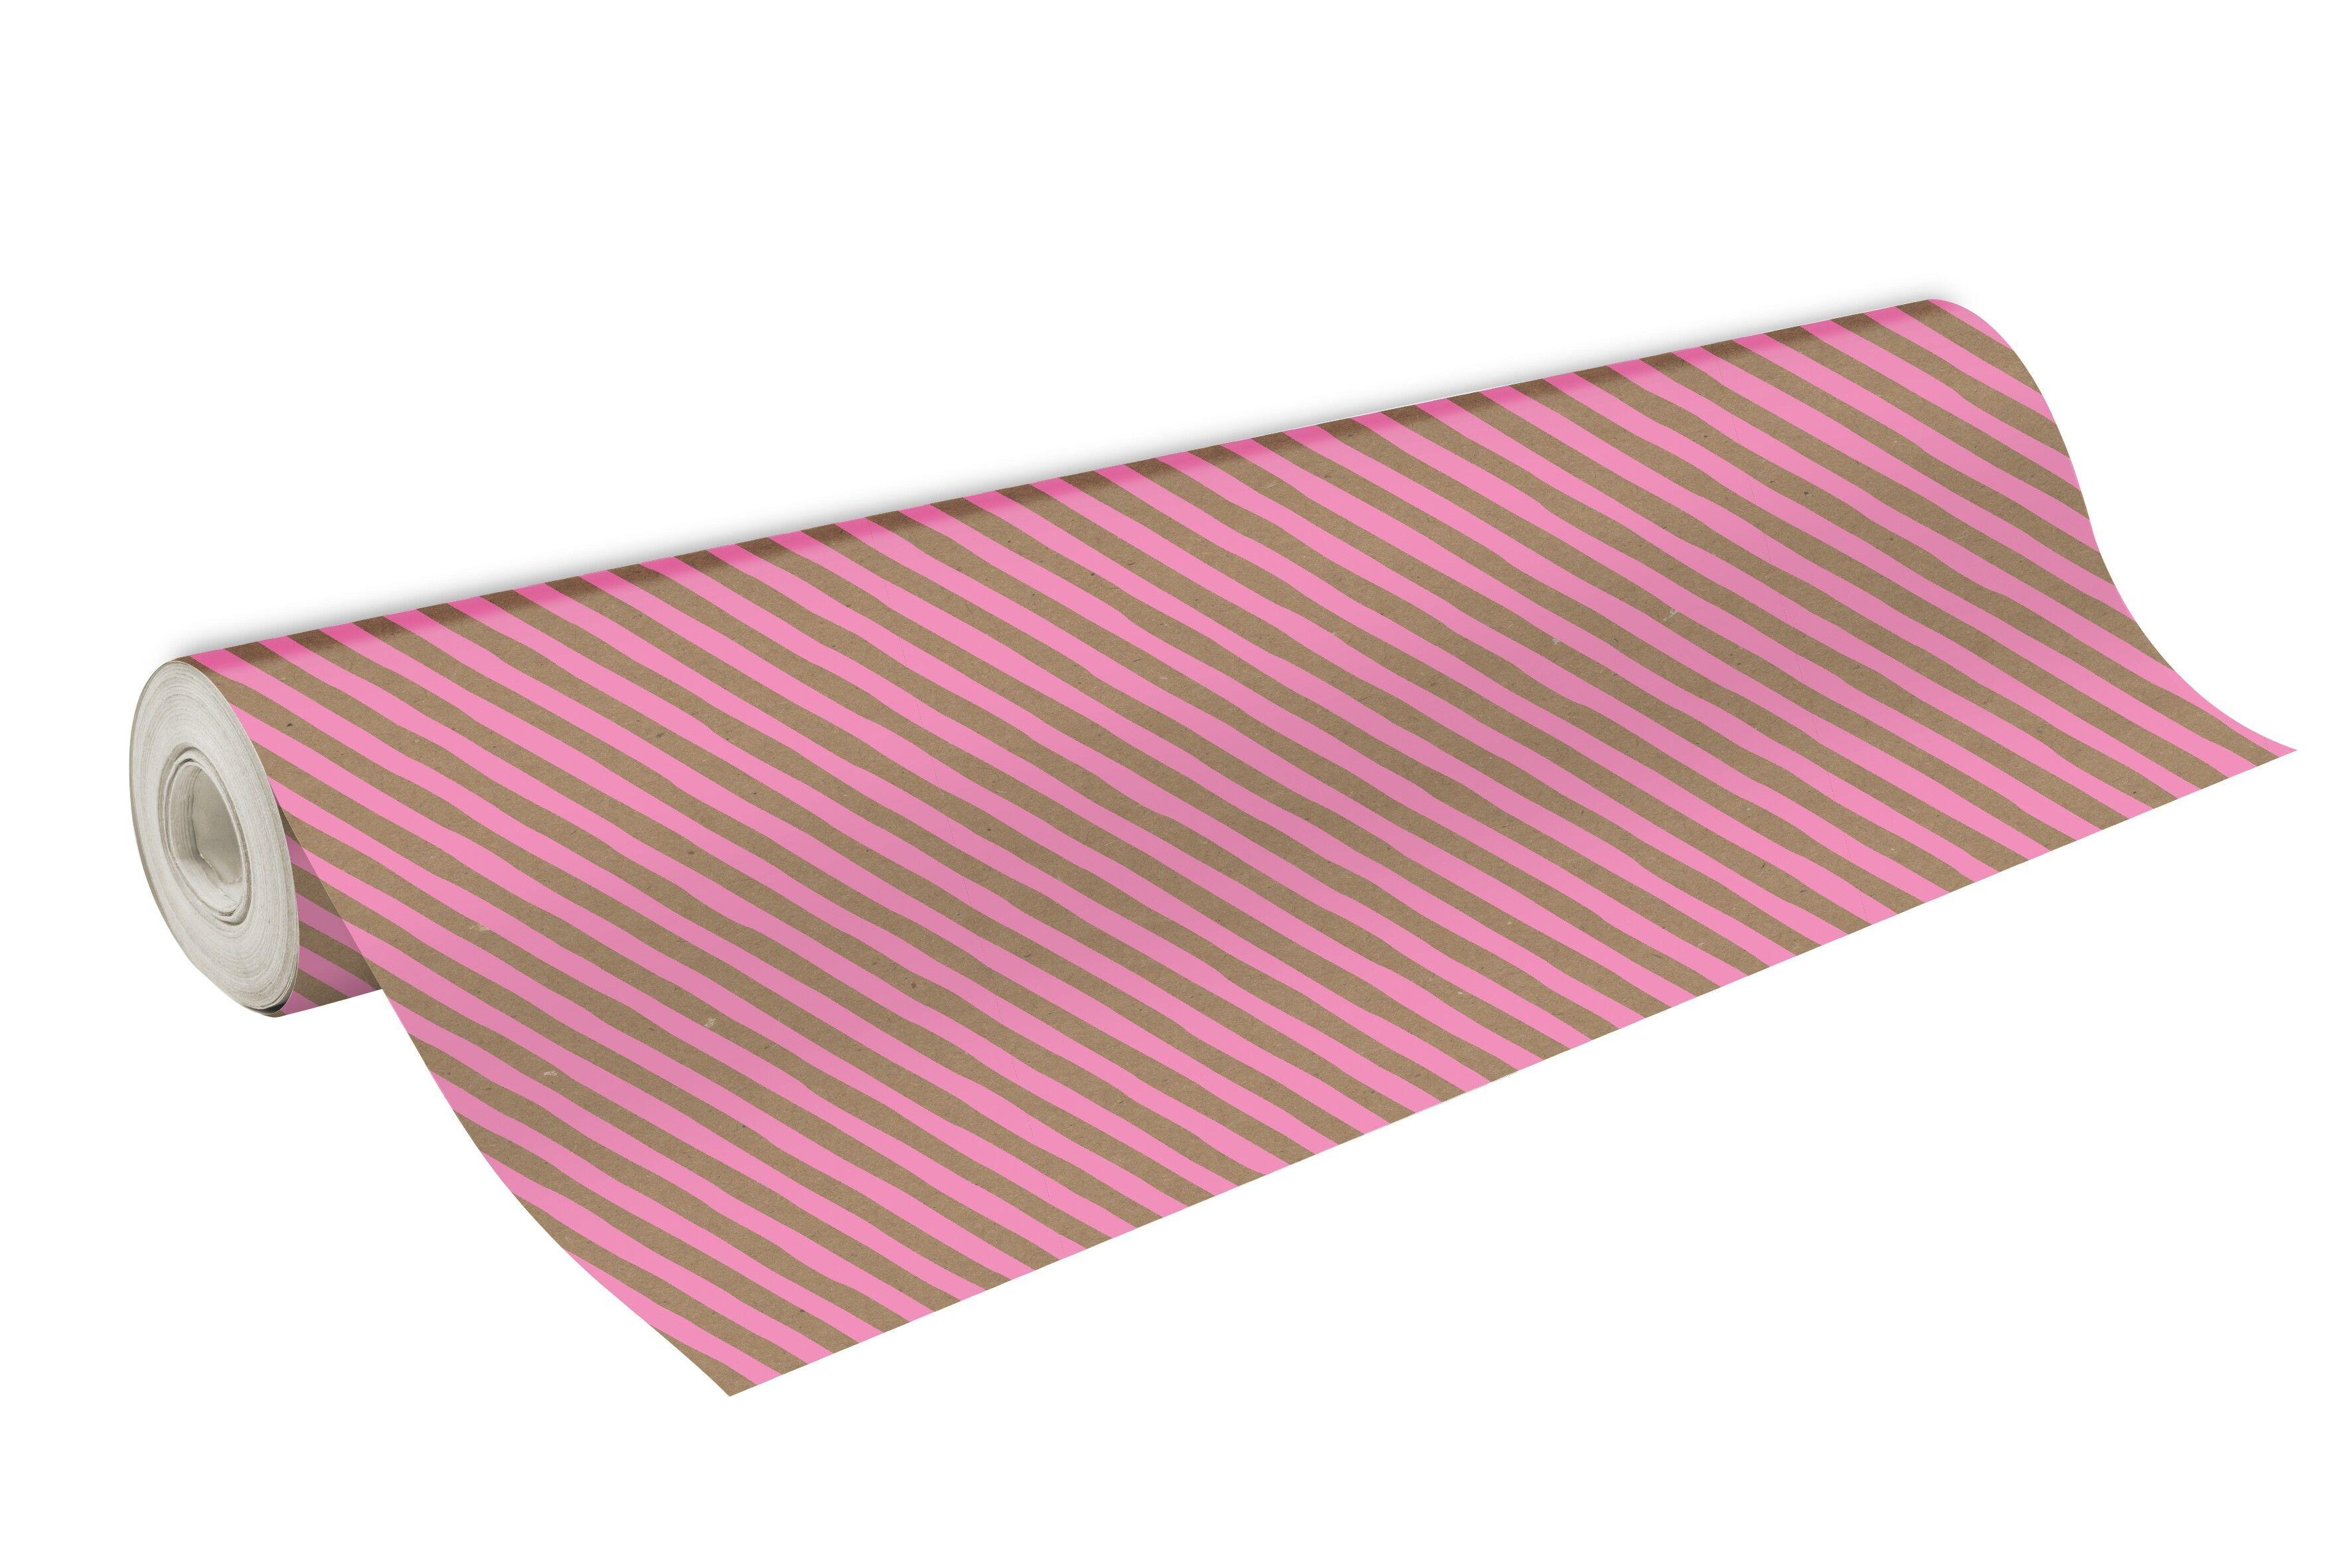 Clairefontaine - Papier cadeau kraft - 70 cm x 50 m - 70 g/m² - motif rayures roses